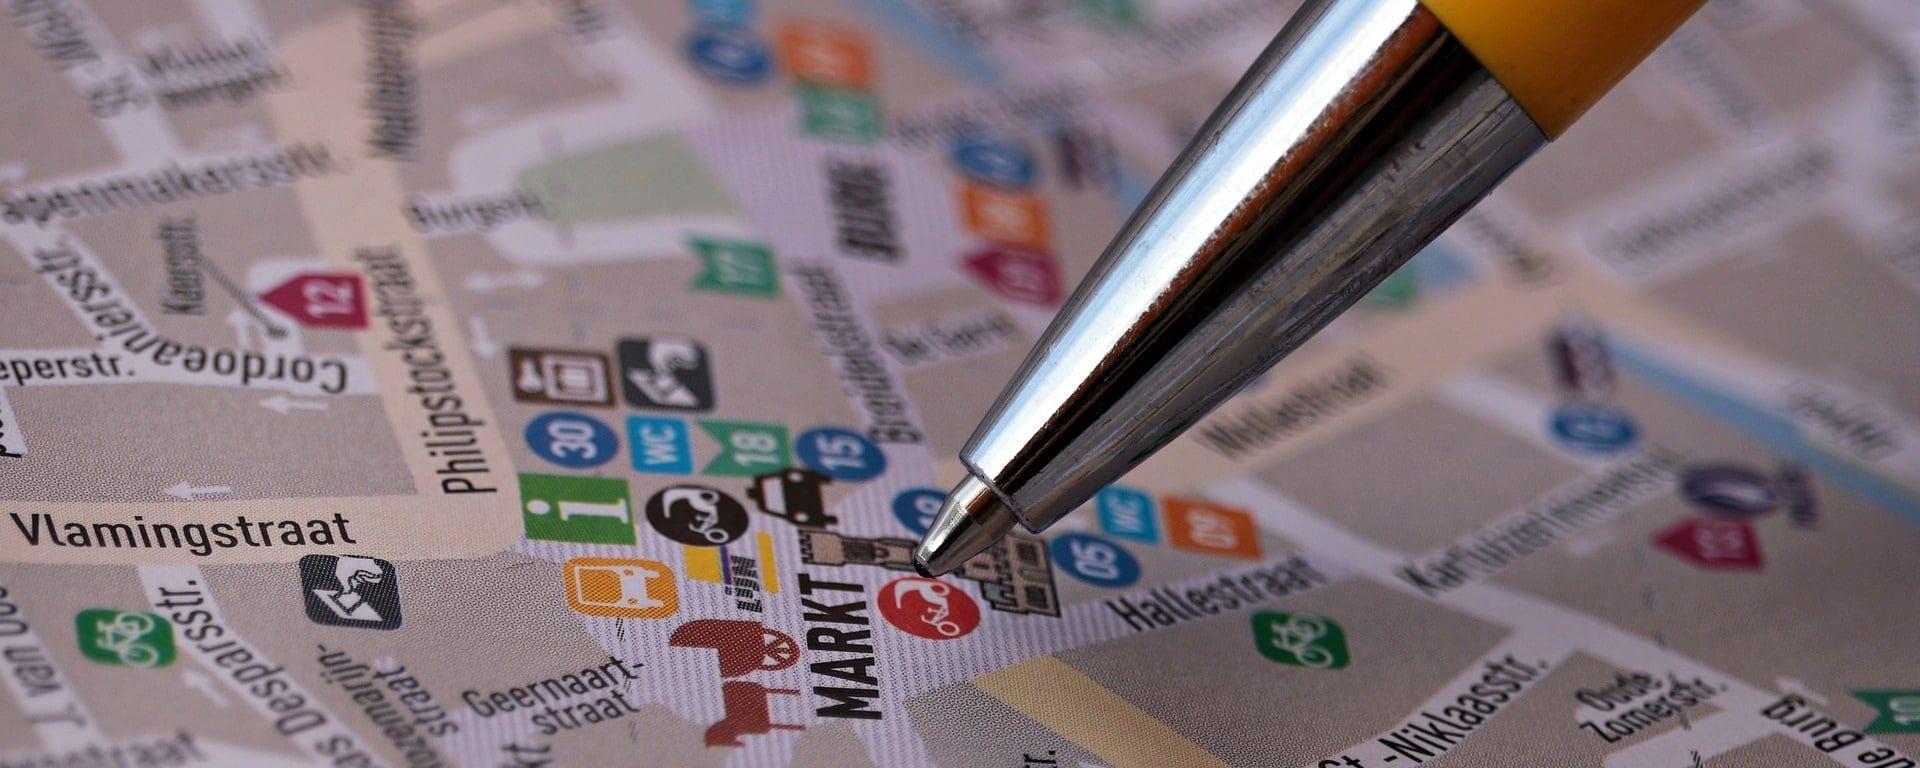 Stadtplan Centrum Markt